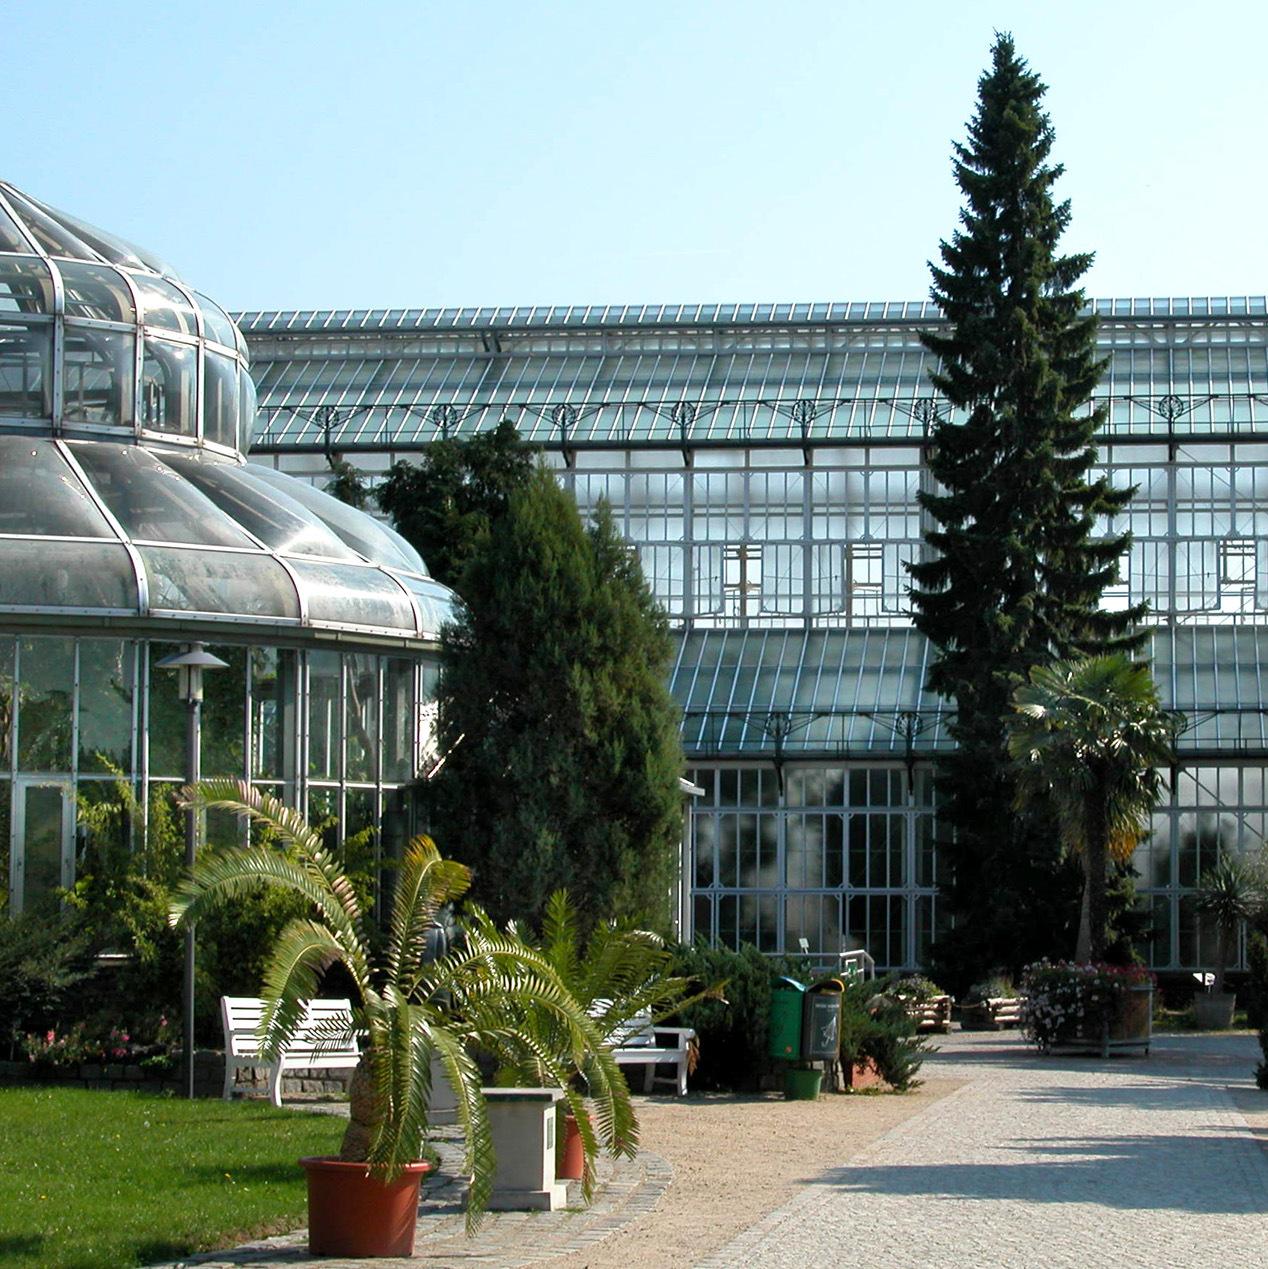 Botanischer Garten Berlin - Berlin